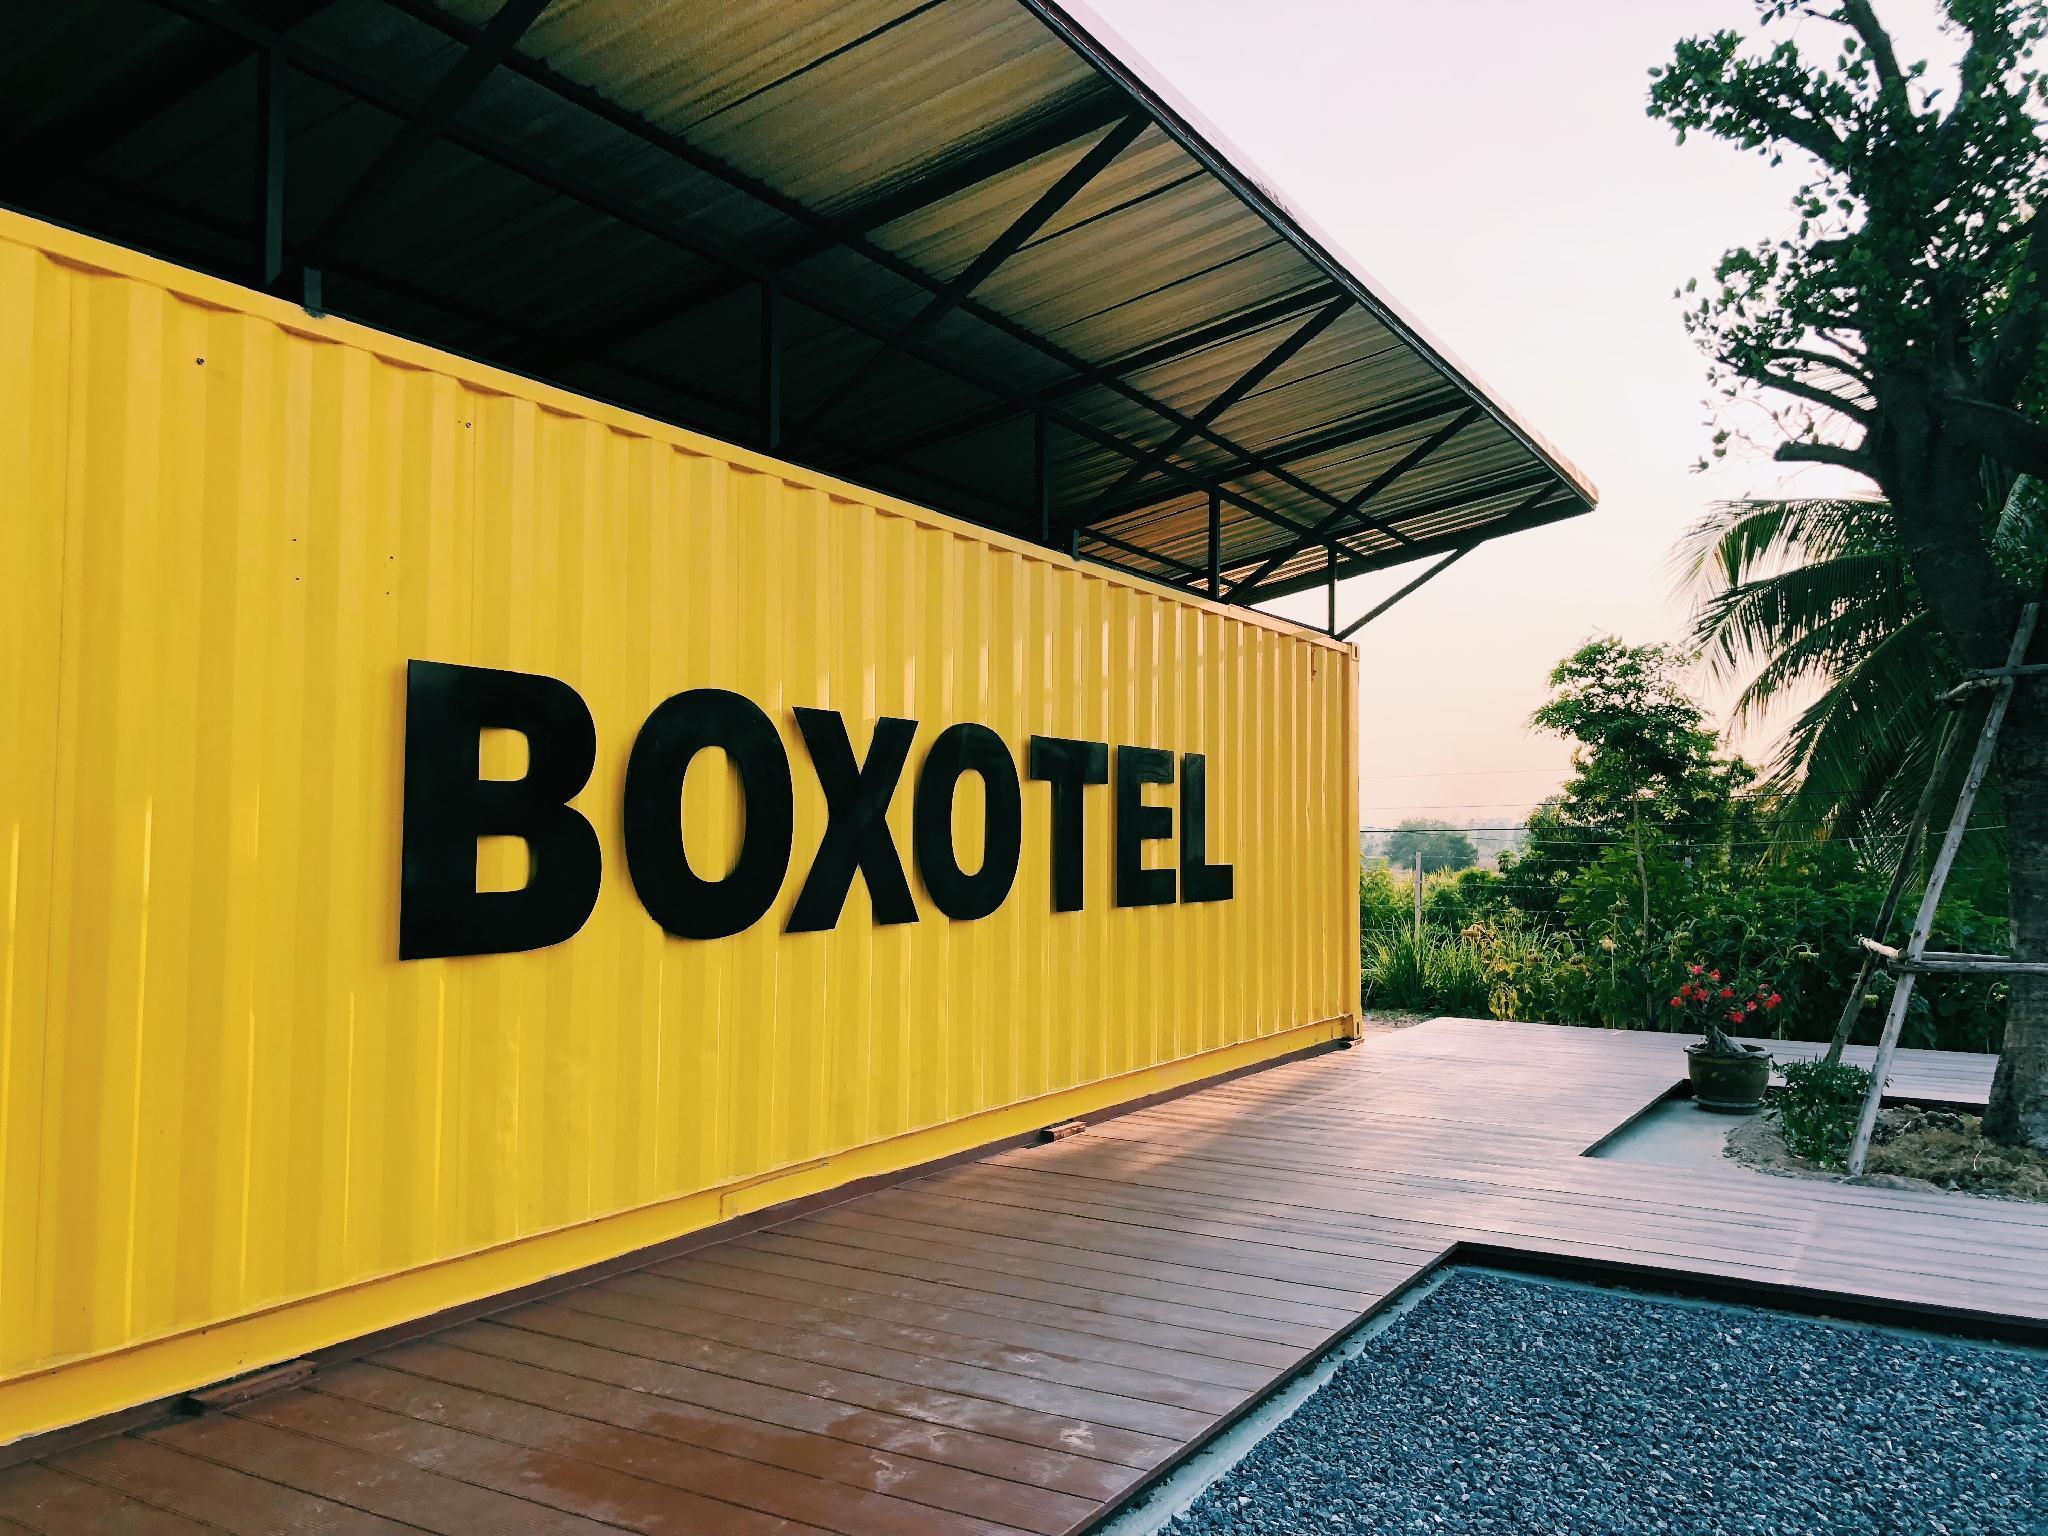 Boxotel, Muang Maha Sarakam